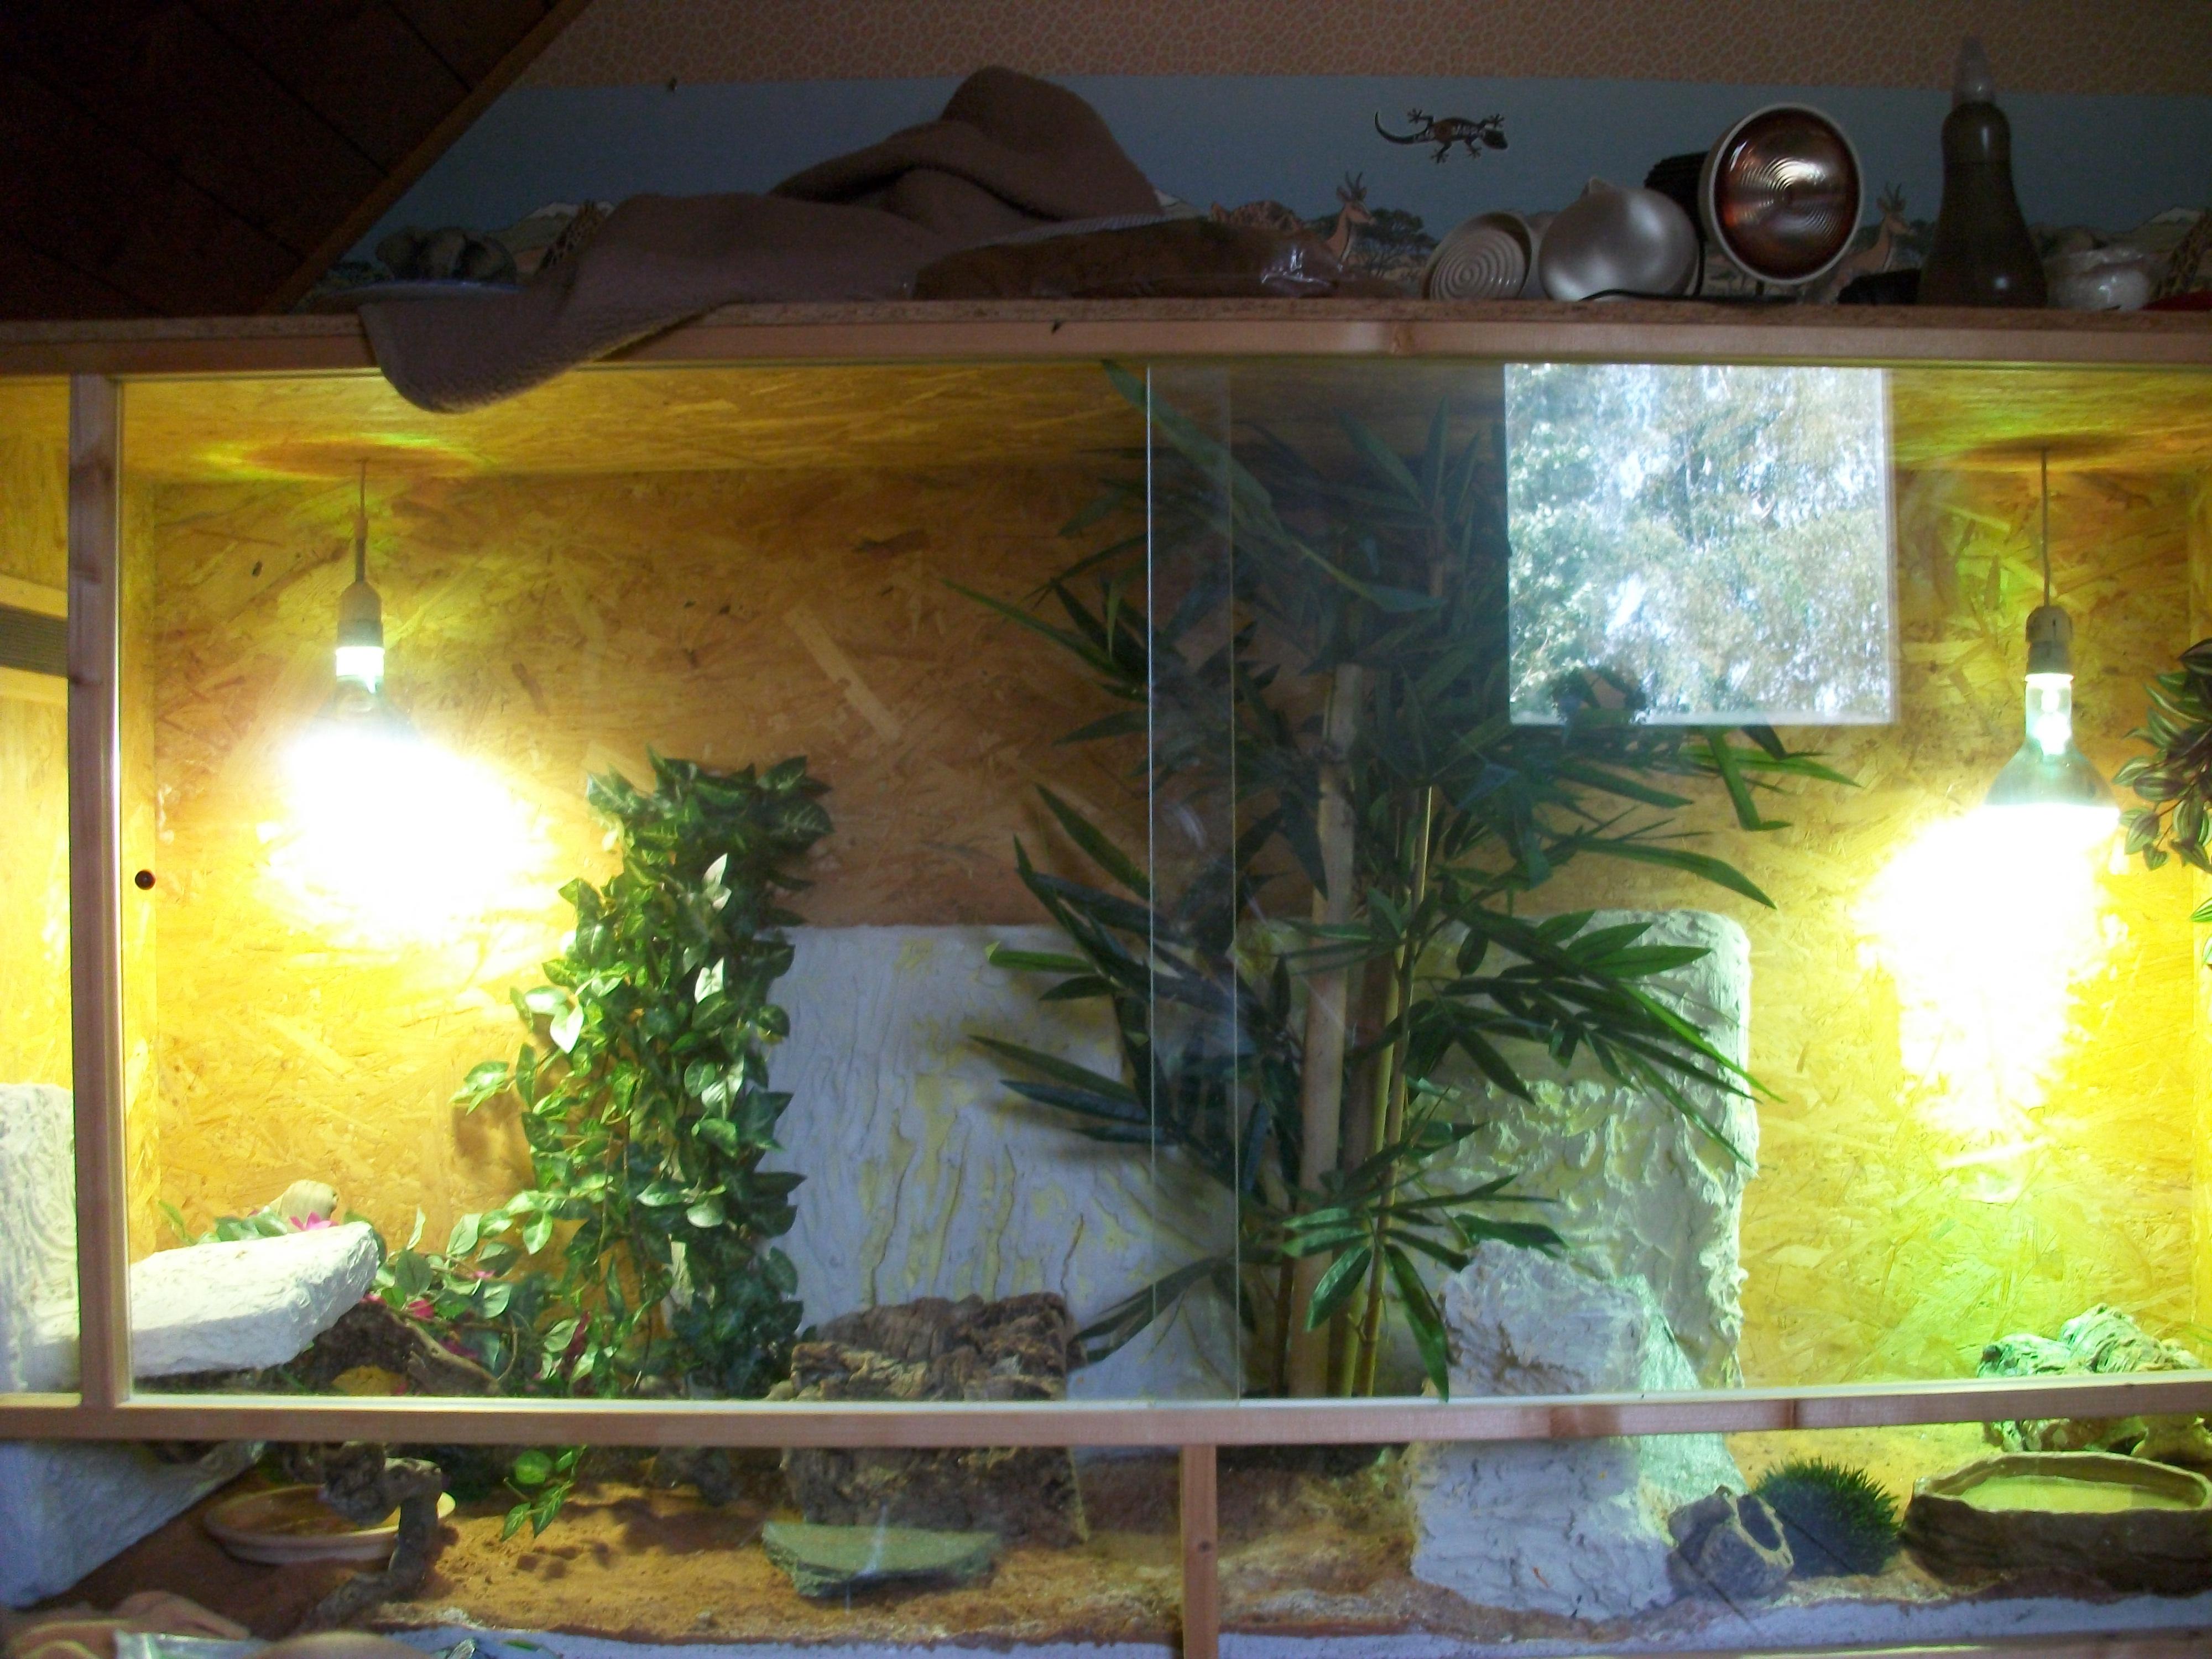 Terrarium ist 2 meter lang, 1 meter hoch und ca 80Freue mich